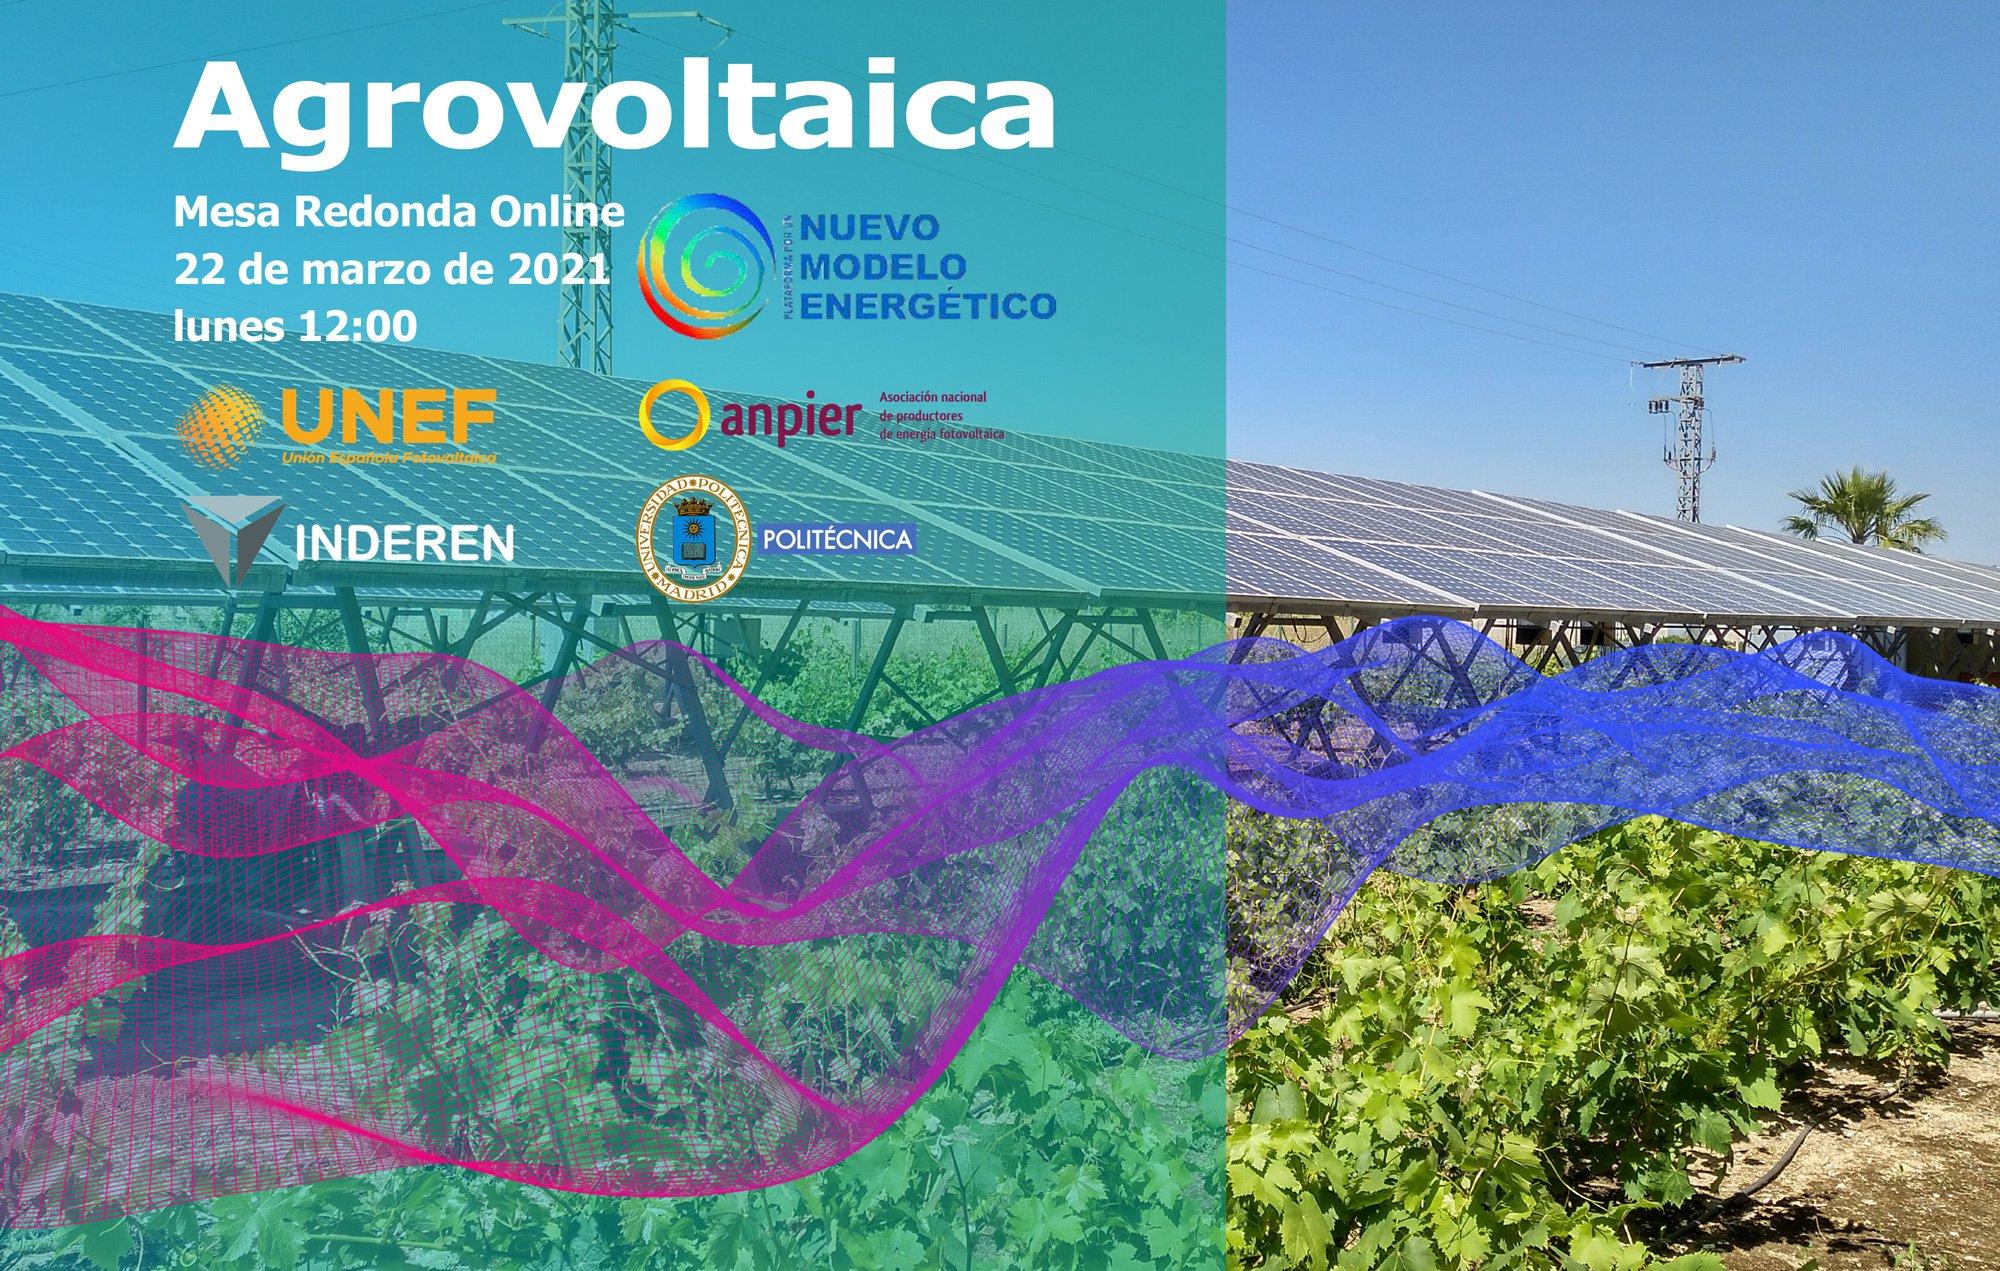 TRANESOL mesa redonda agrovoltaica MesaRedonda-agrovoltaica-Px1NME-INDEREN02